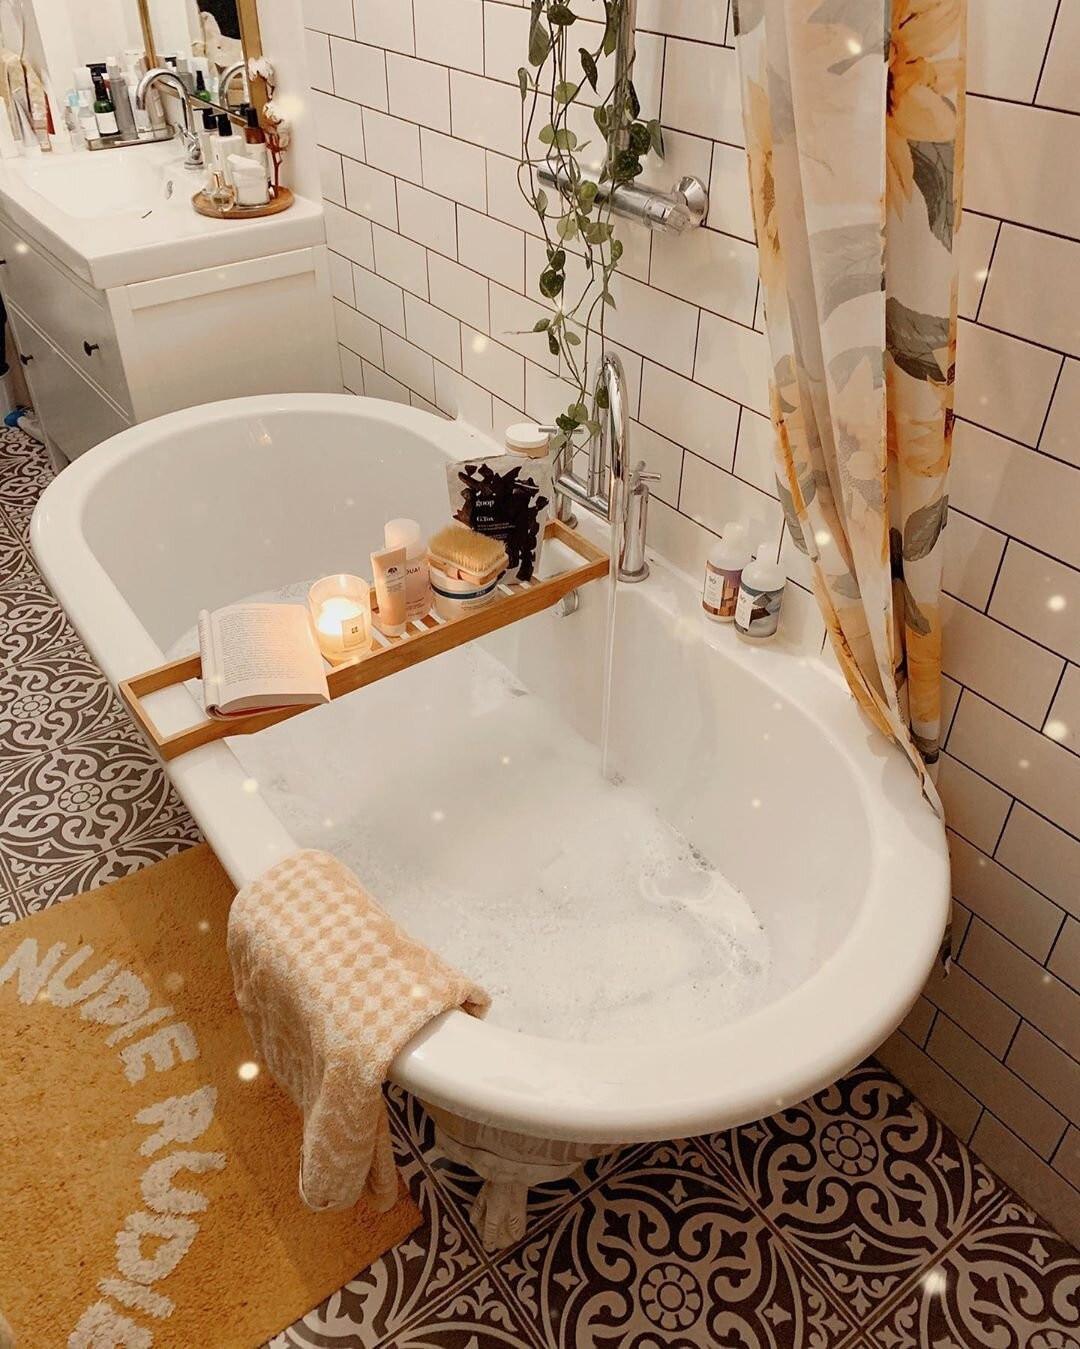 BEAUTY EQ : HOW TO BATH